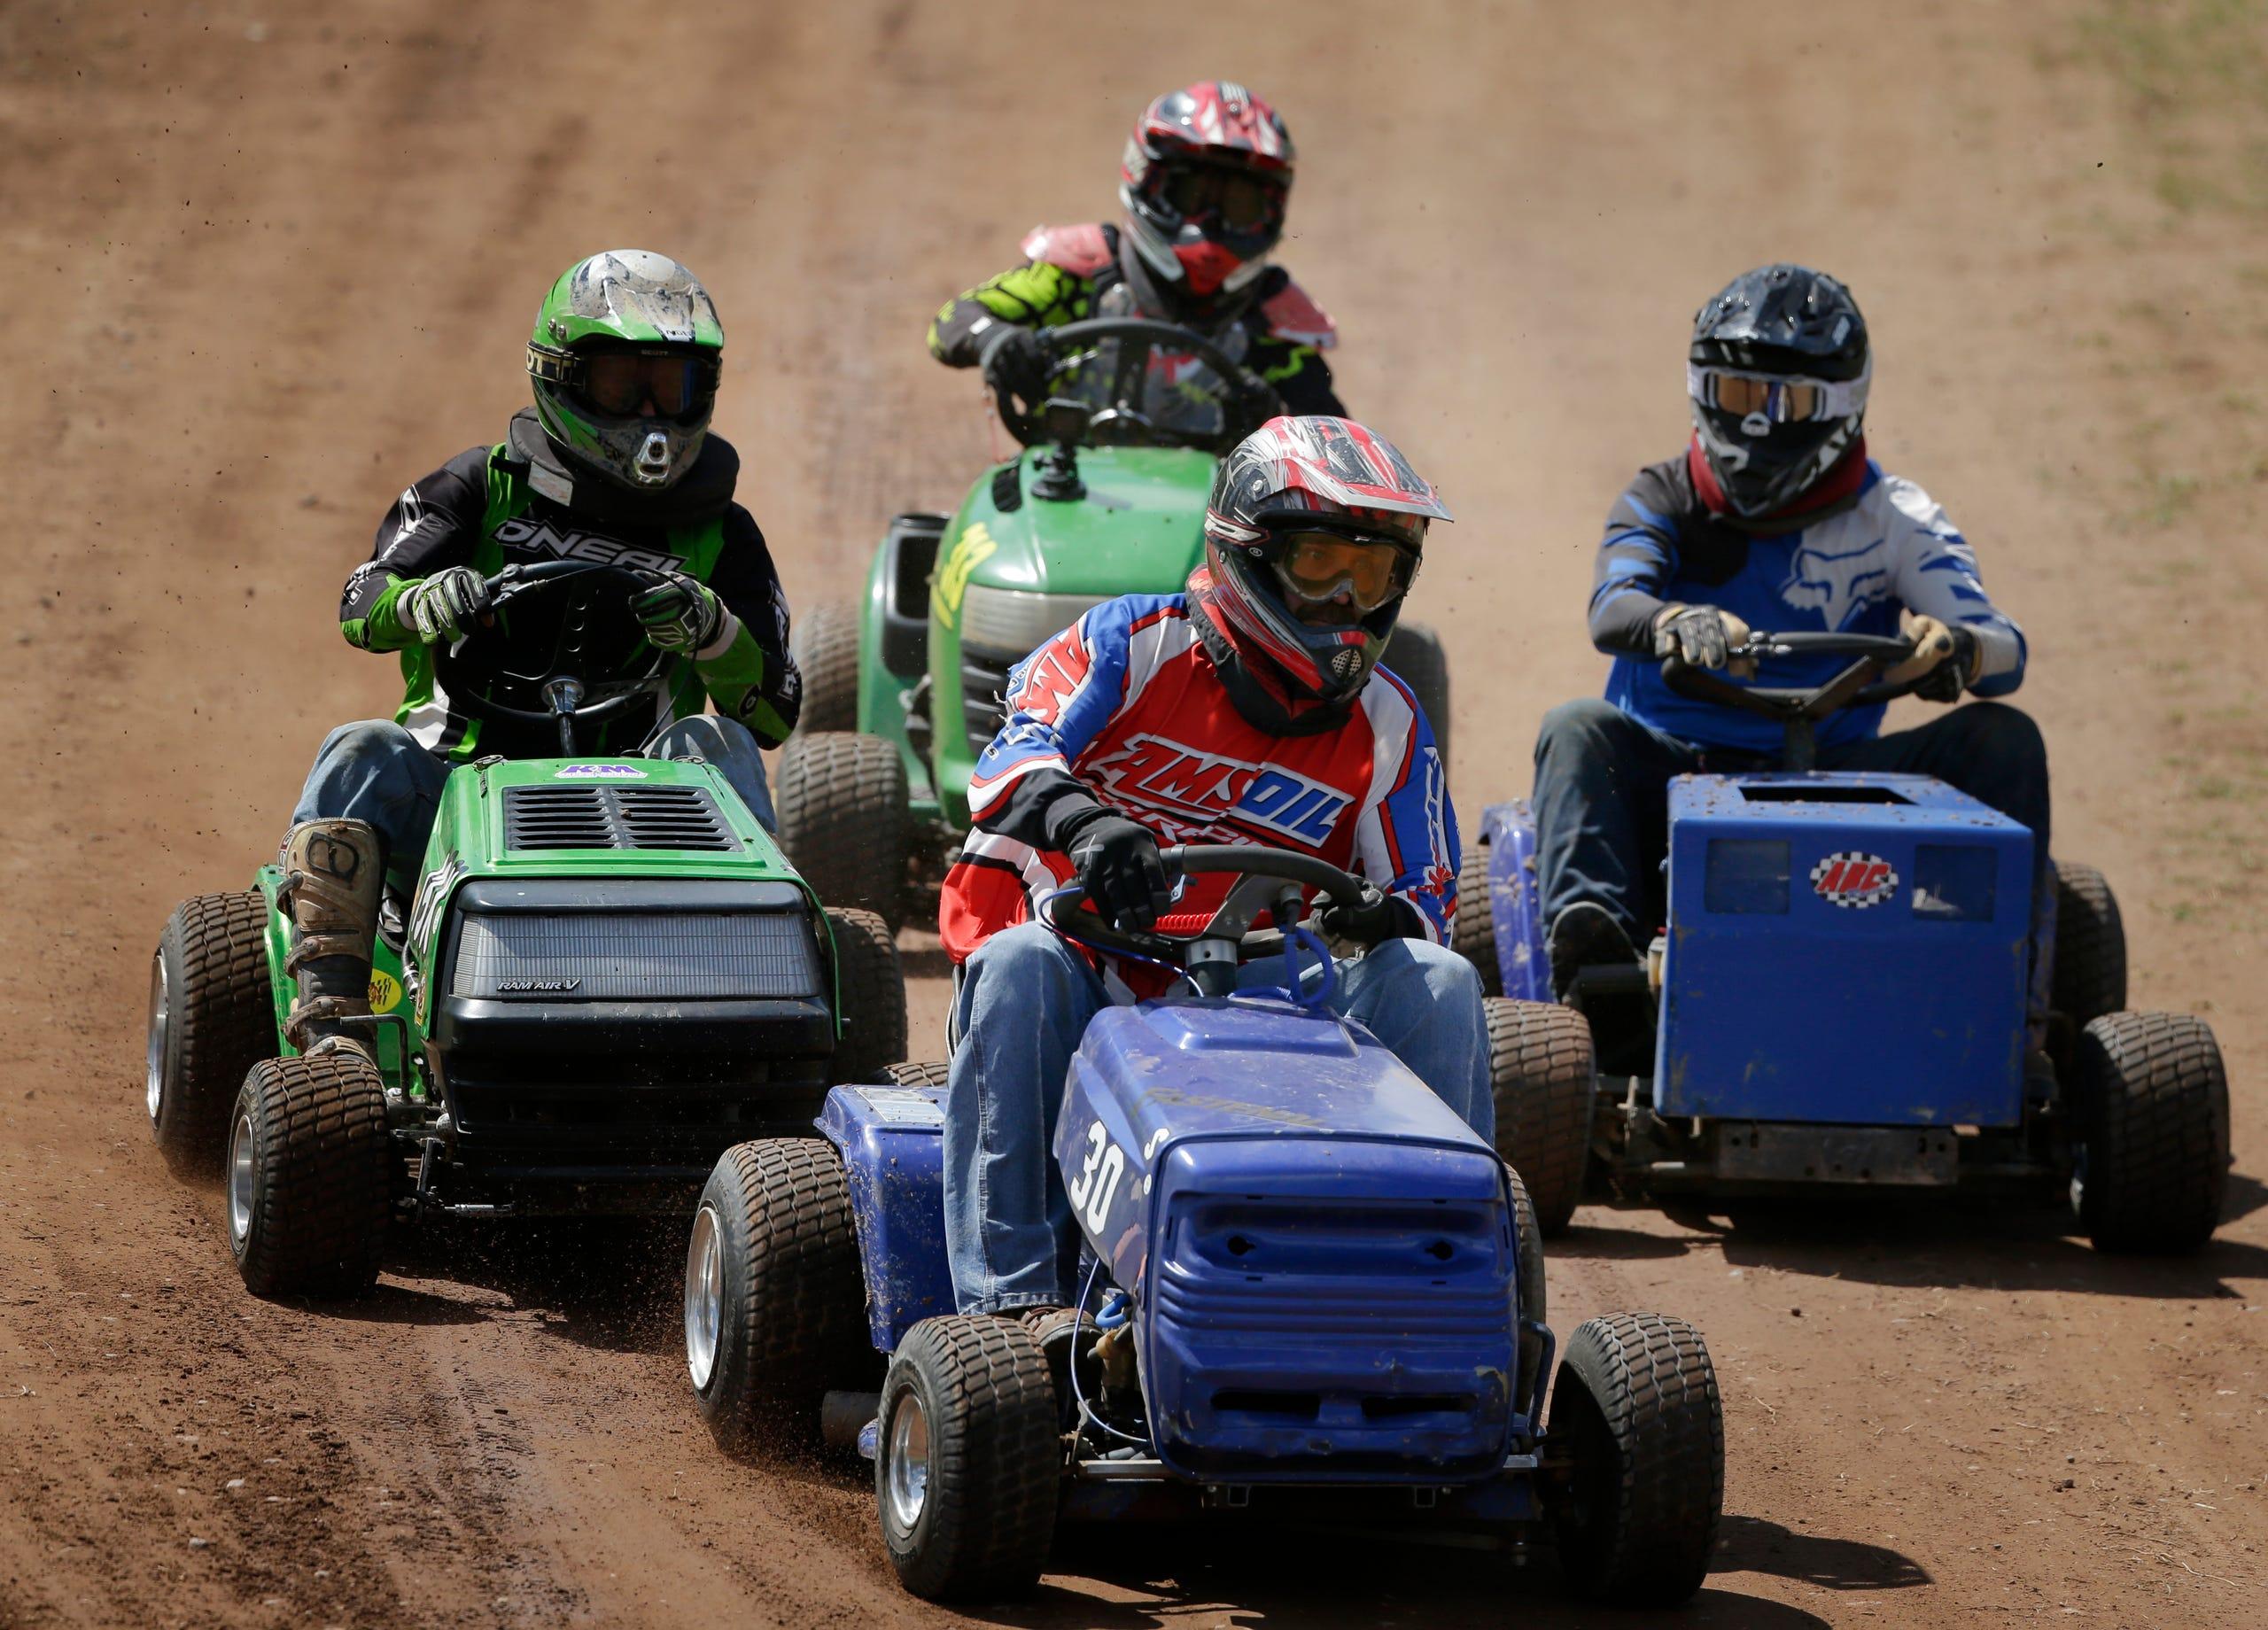 Lawn Mower Racing >> Here S What Lawn Mower Racing Looks Like